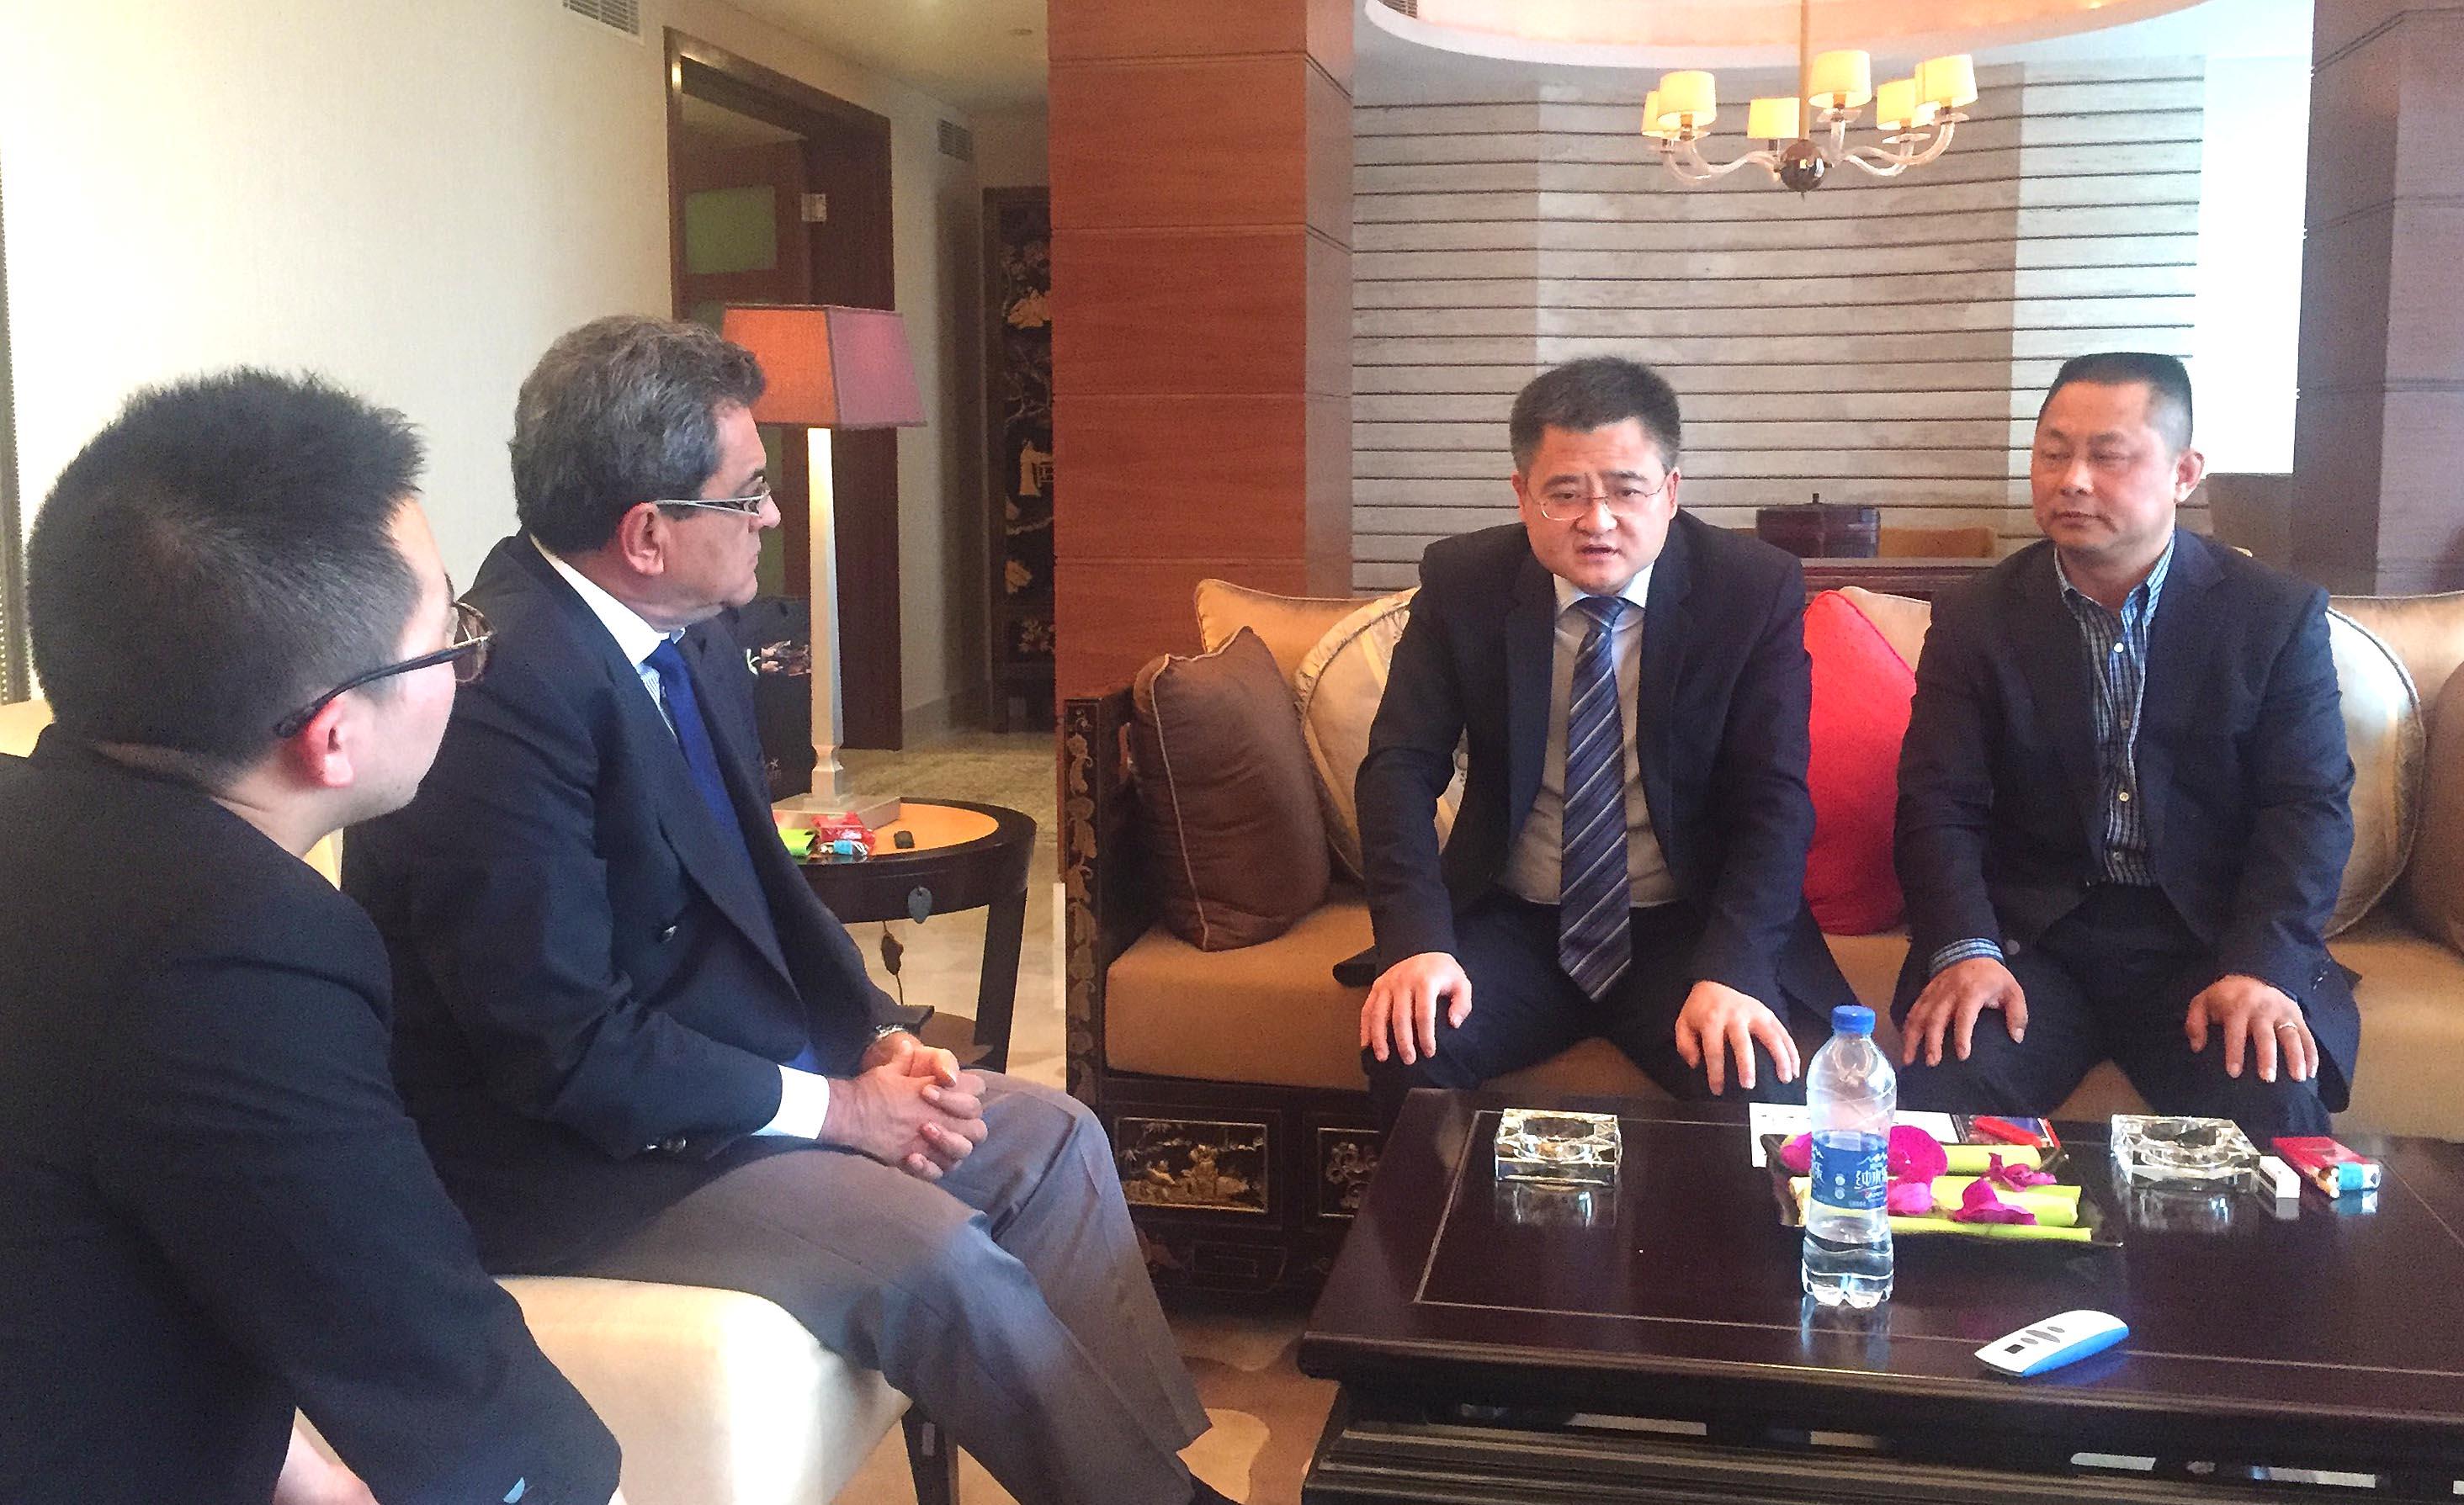 Le président Fritch a rencontré le directeur des affaires et de la coopération internationale de la China Development Bank, Wang Fen à Shanghai.